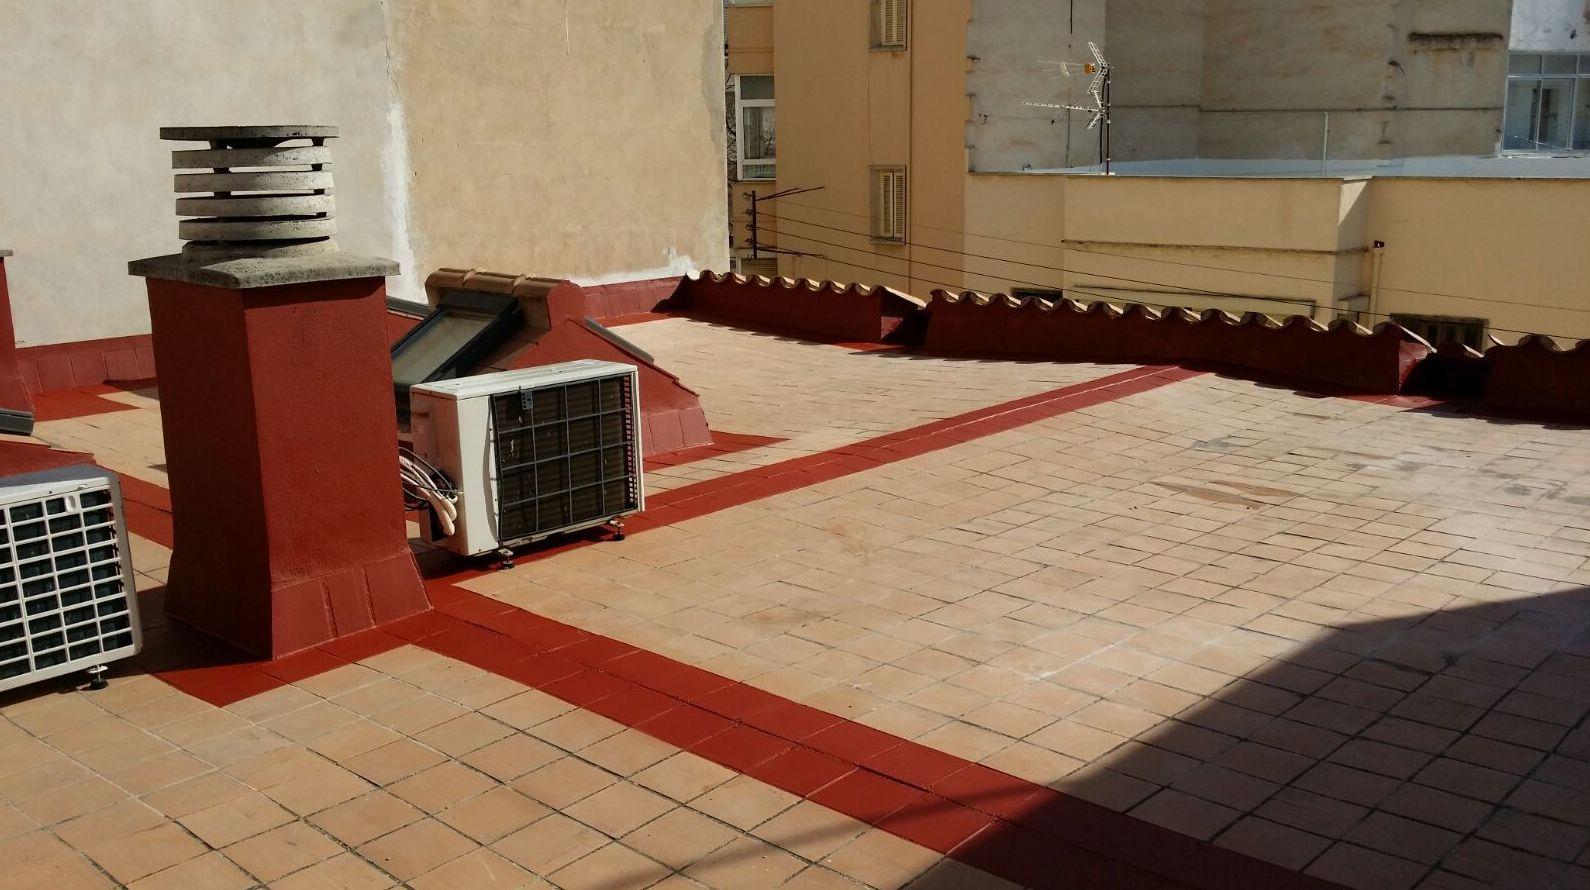 Tratamiento para la humedad  Baleares http://www.multiservicioscosesdecasa.es/es/